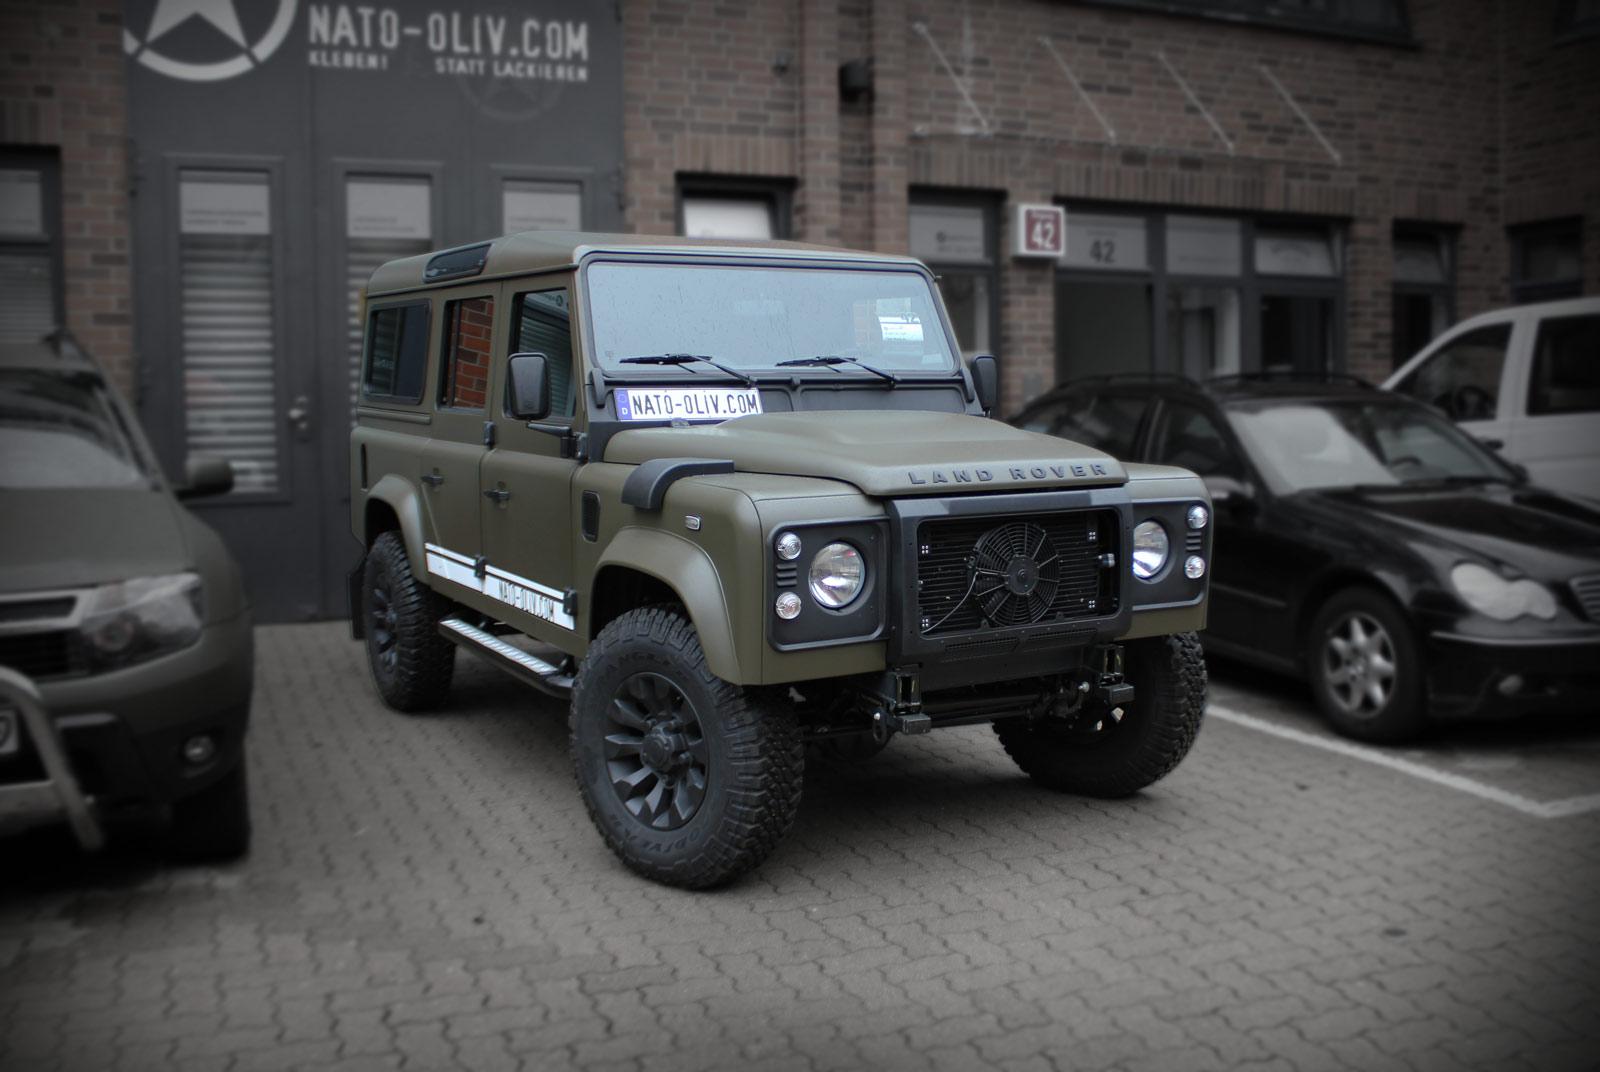 Land Rover Defender foliert in Nato-Oliv und schwarz matt Sprühfolie.